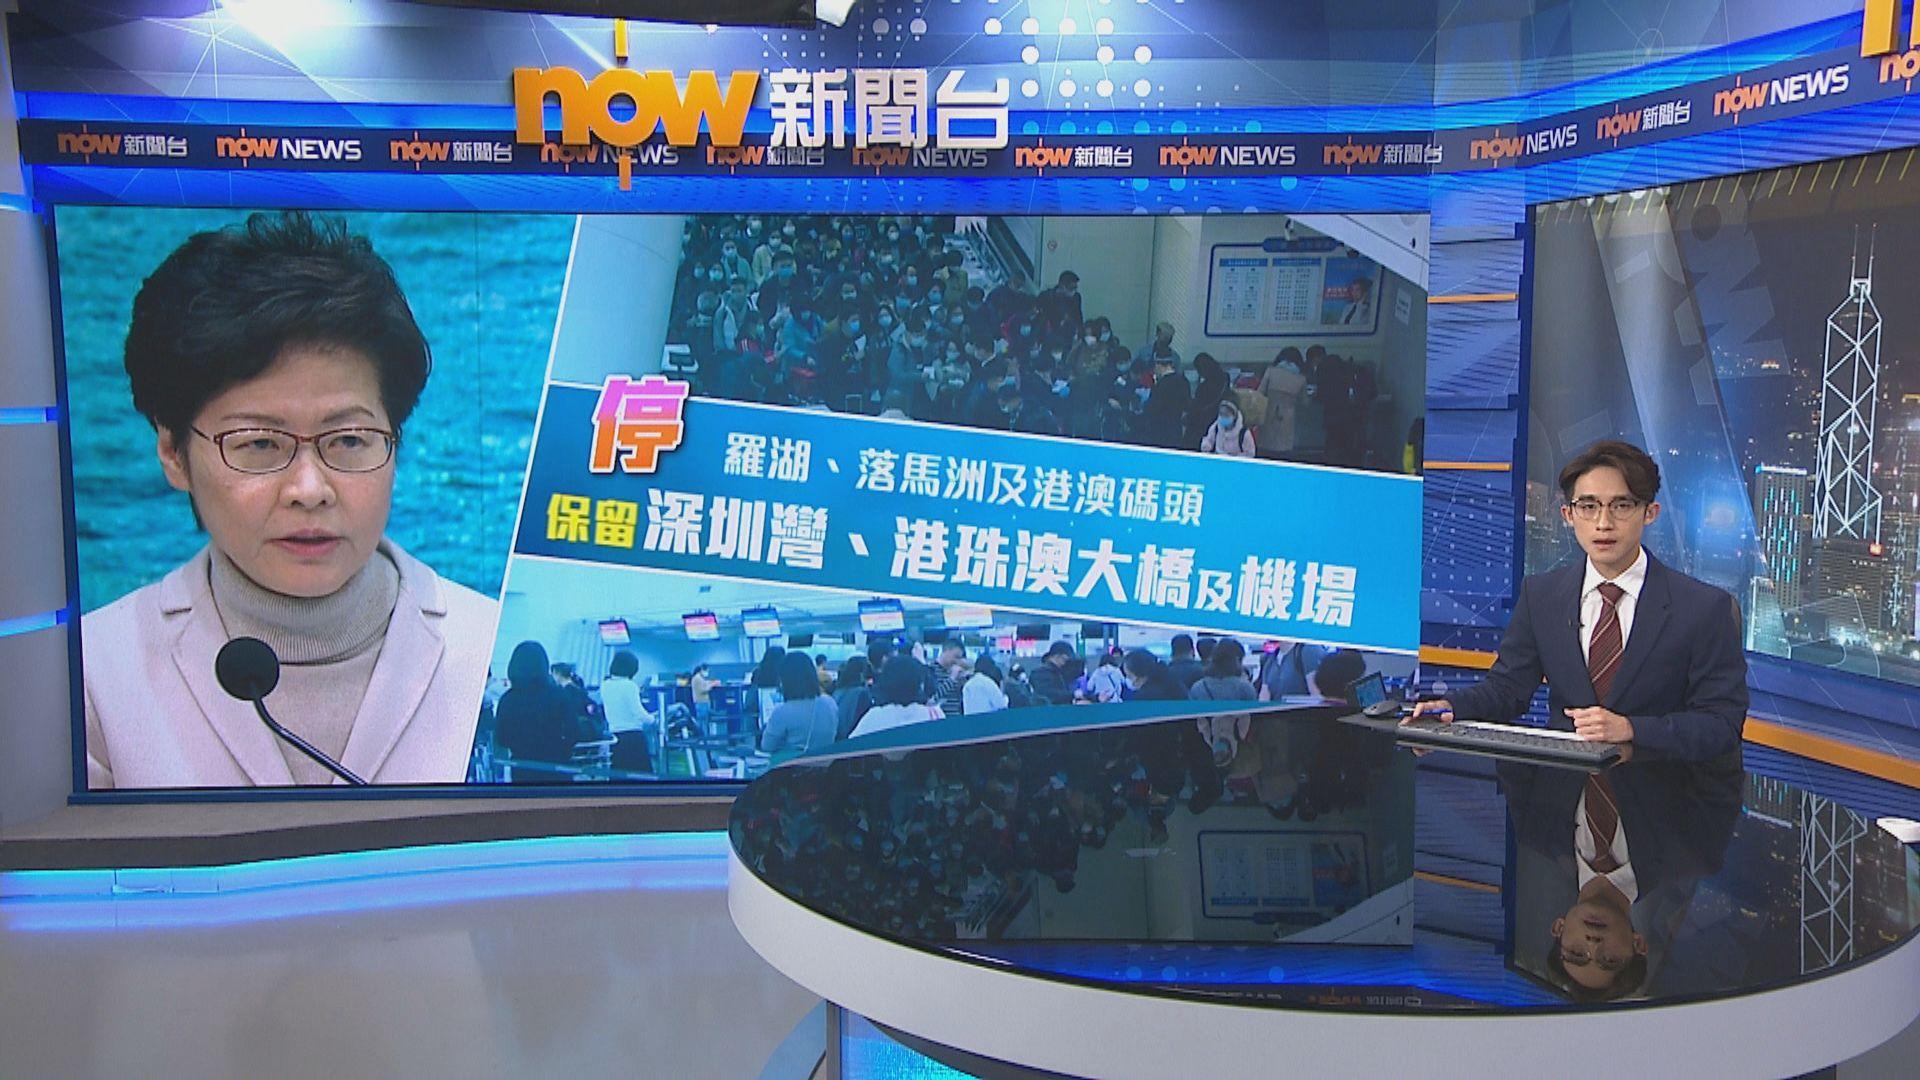 林鄭:香港與內地緊密聯繫 一刀切措施影響大